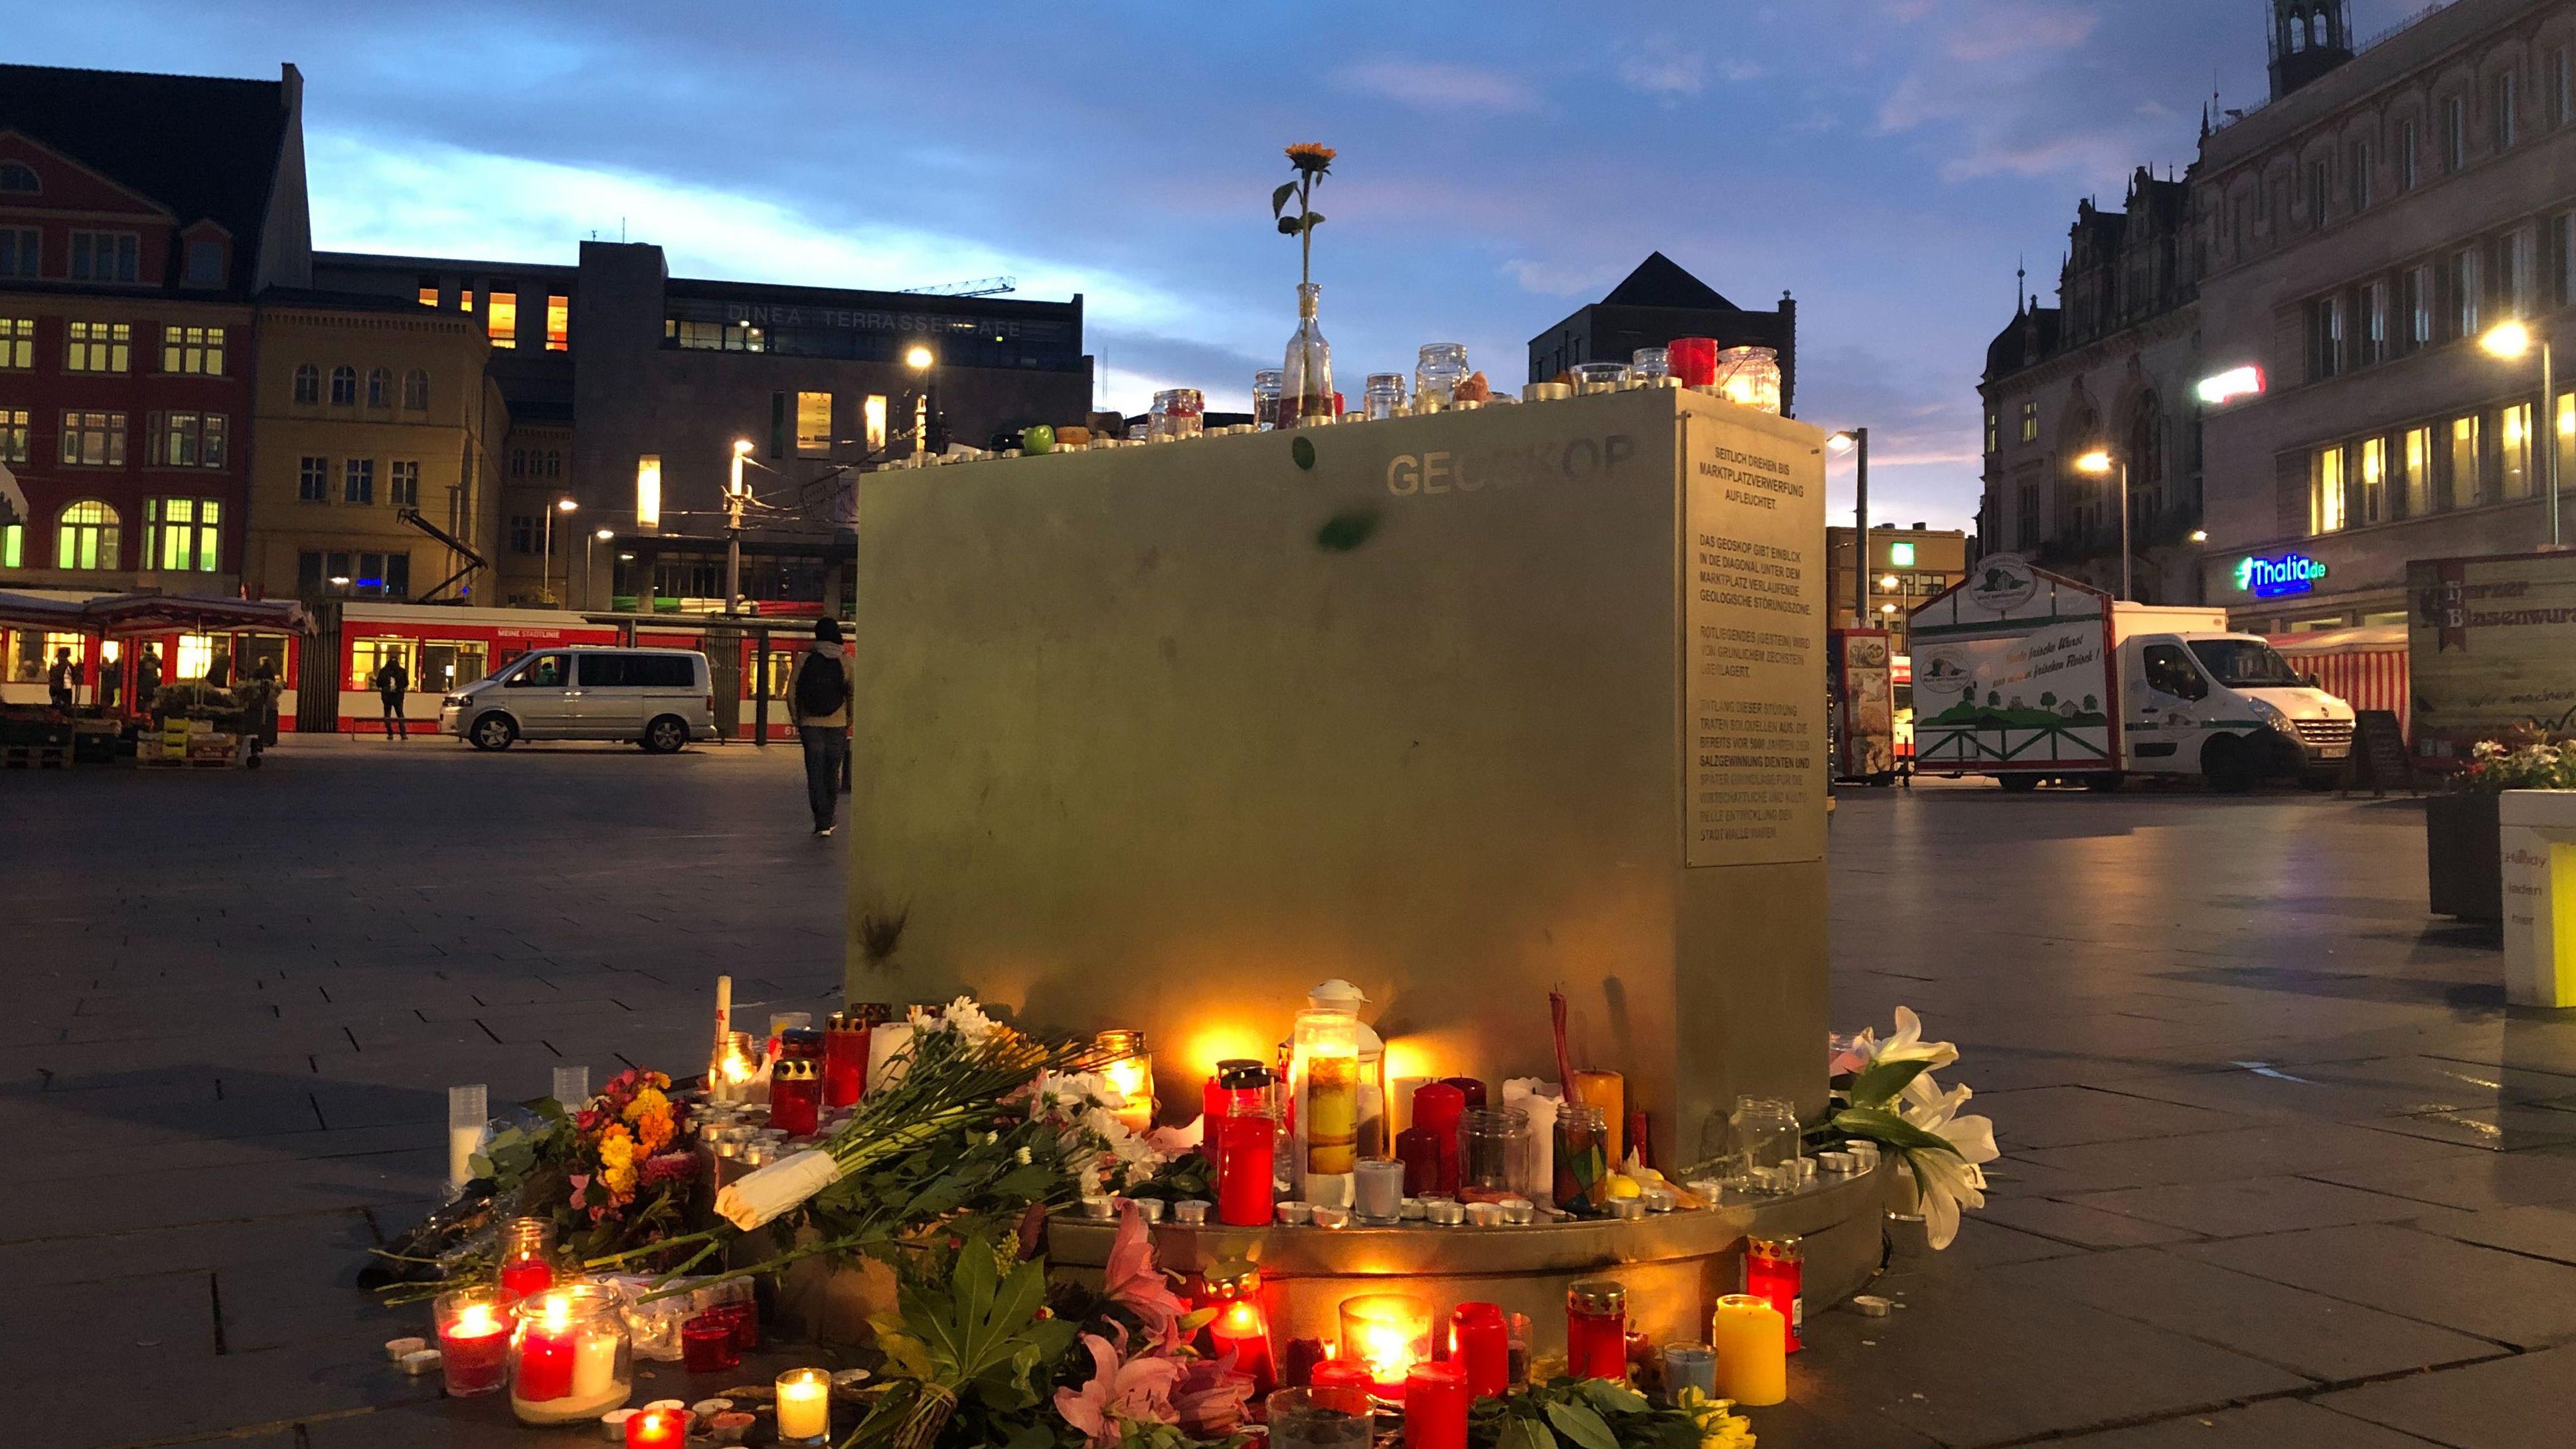 Kerzen erinnern am Marktplatz in Halle an der Saale an die Opfer des Angriffs.